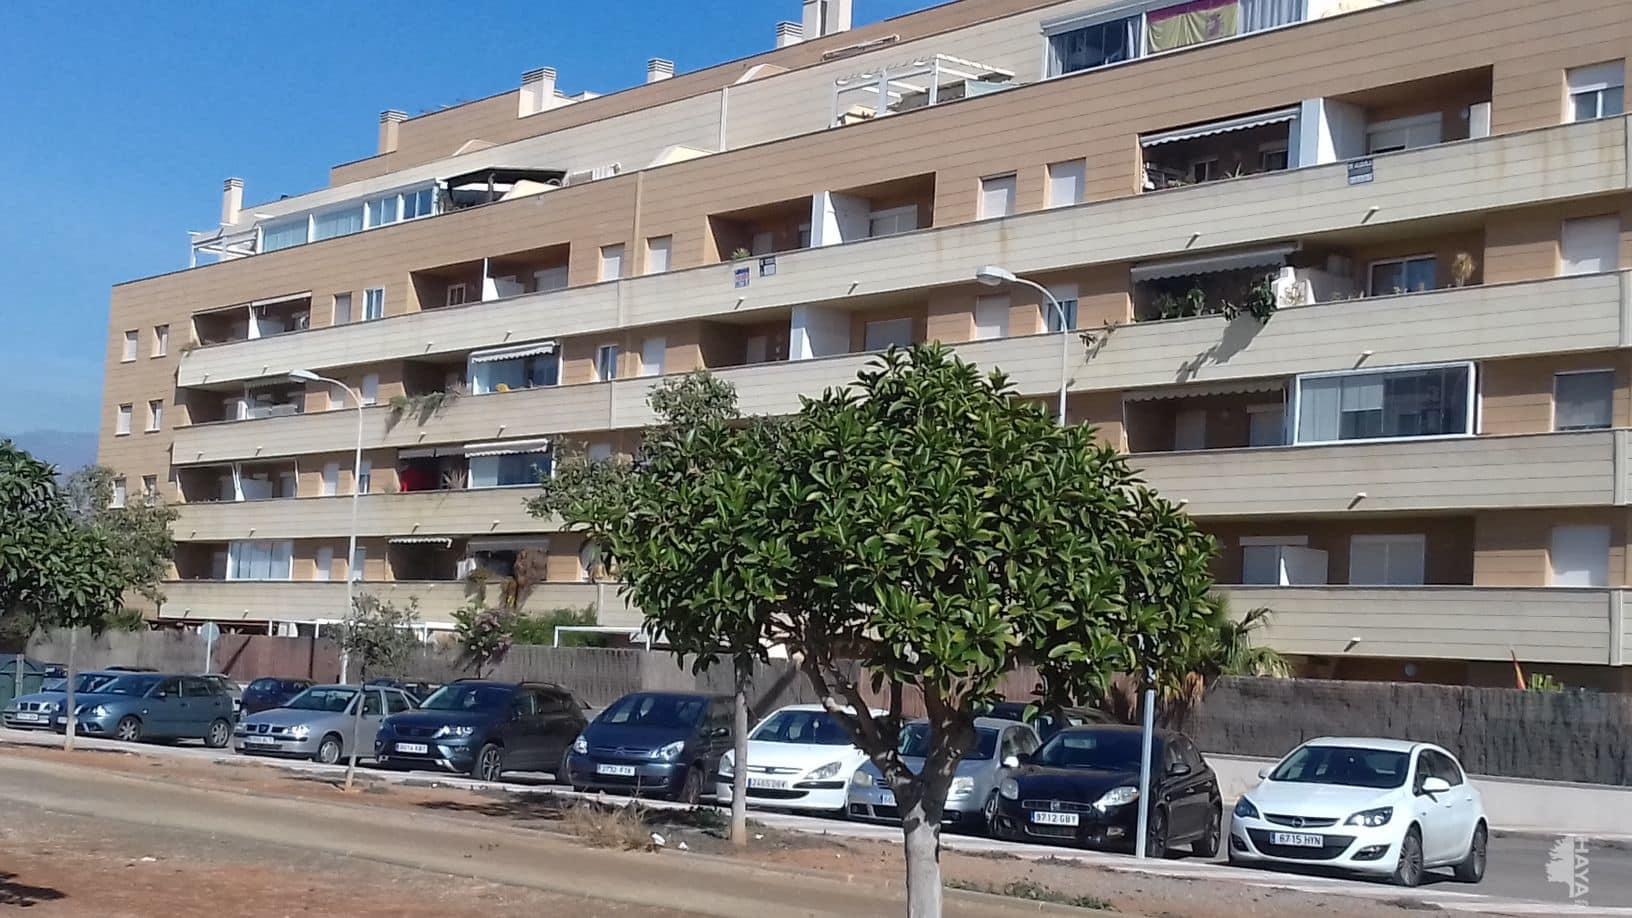 Piso en venta en Roquetas de Mar, Almería, Calle Caceres, 135.600 €, 3 habitaciones, 2 baños, 103 m2